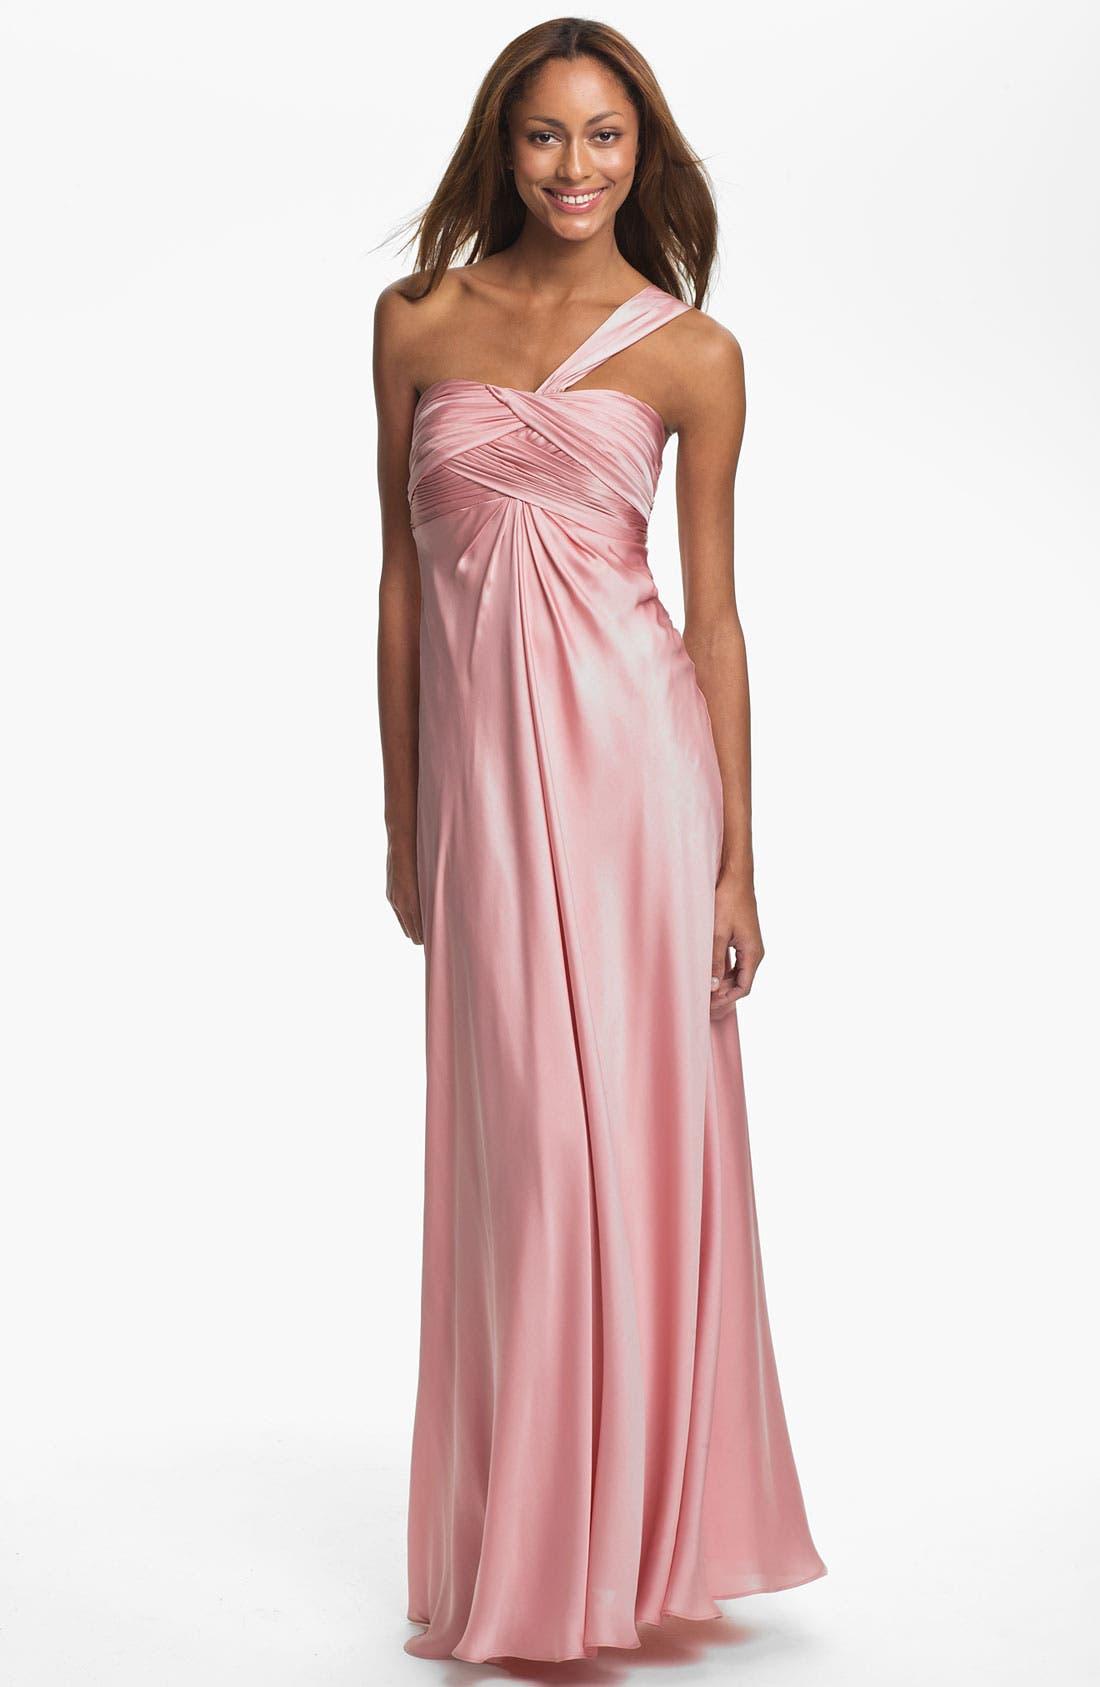 Main Image - ML Monique Lhuillier Bridesmaids One Shoulder Gown (Nordstrom Exclusive)